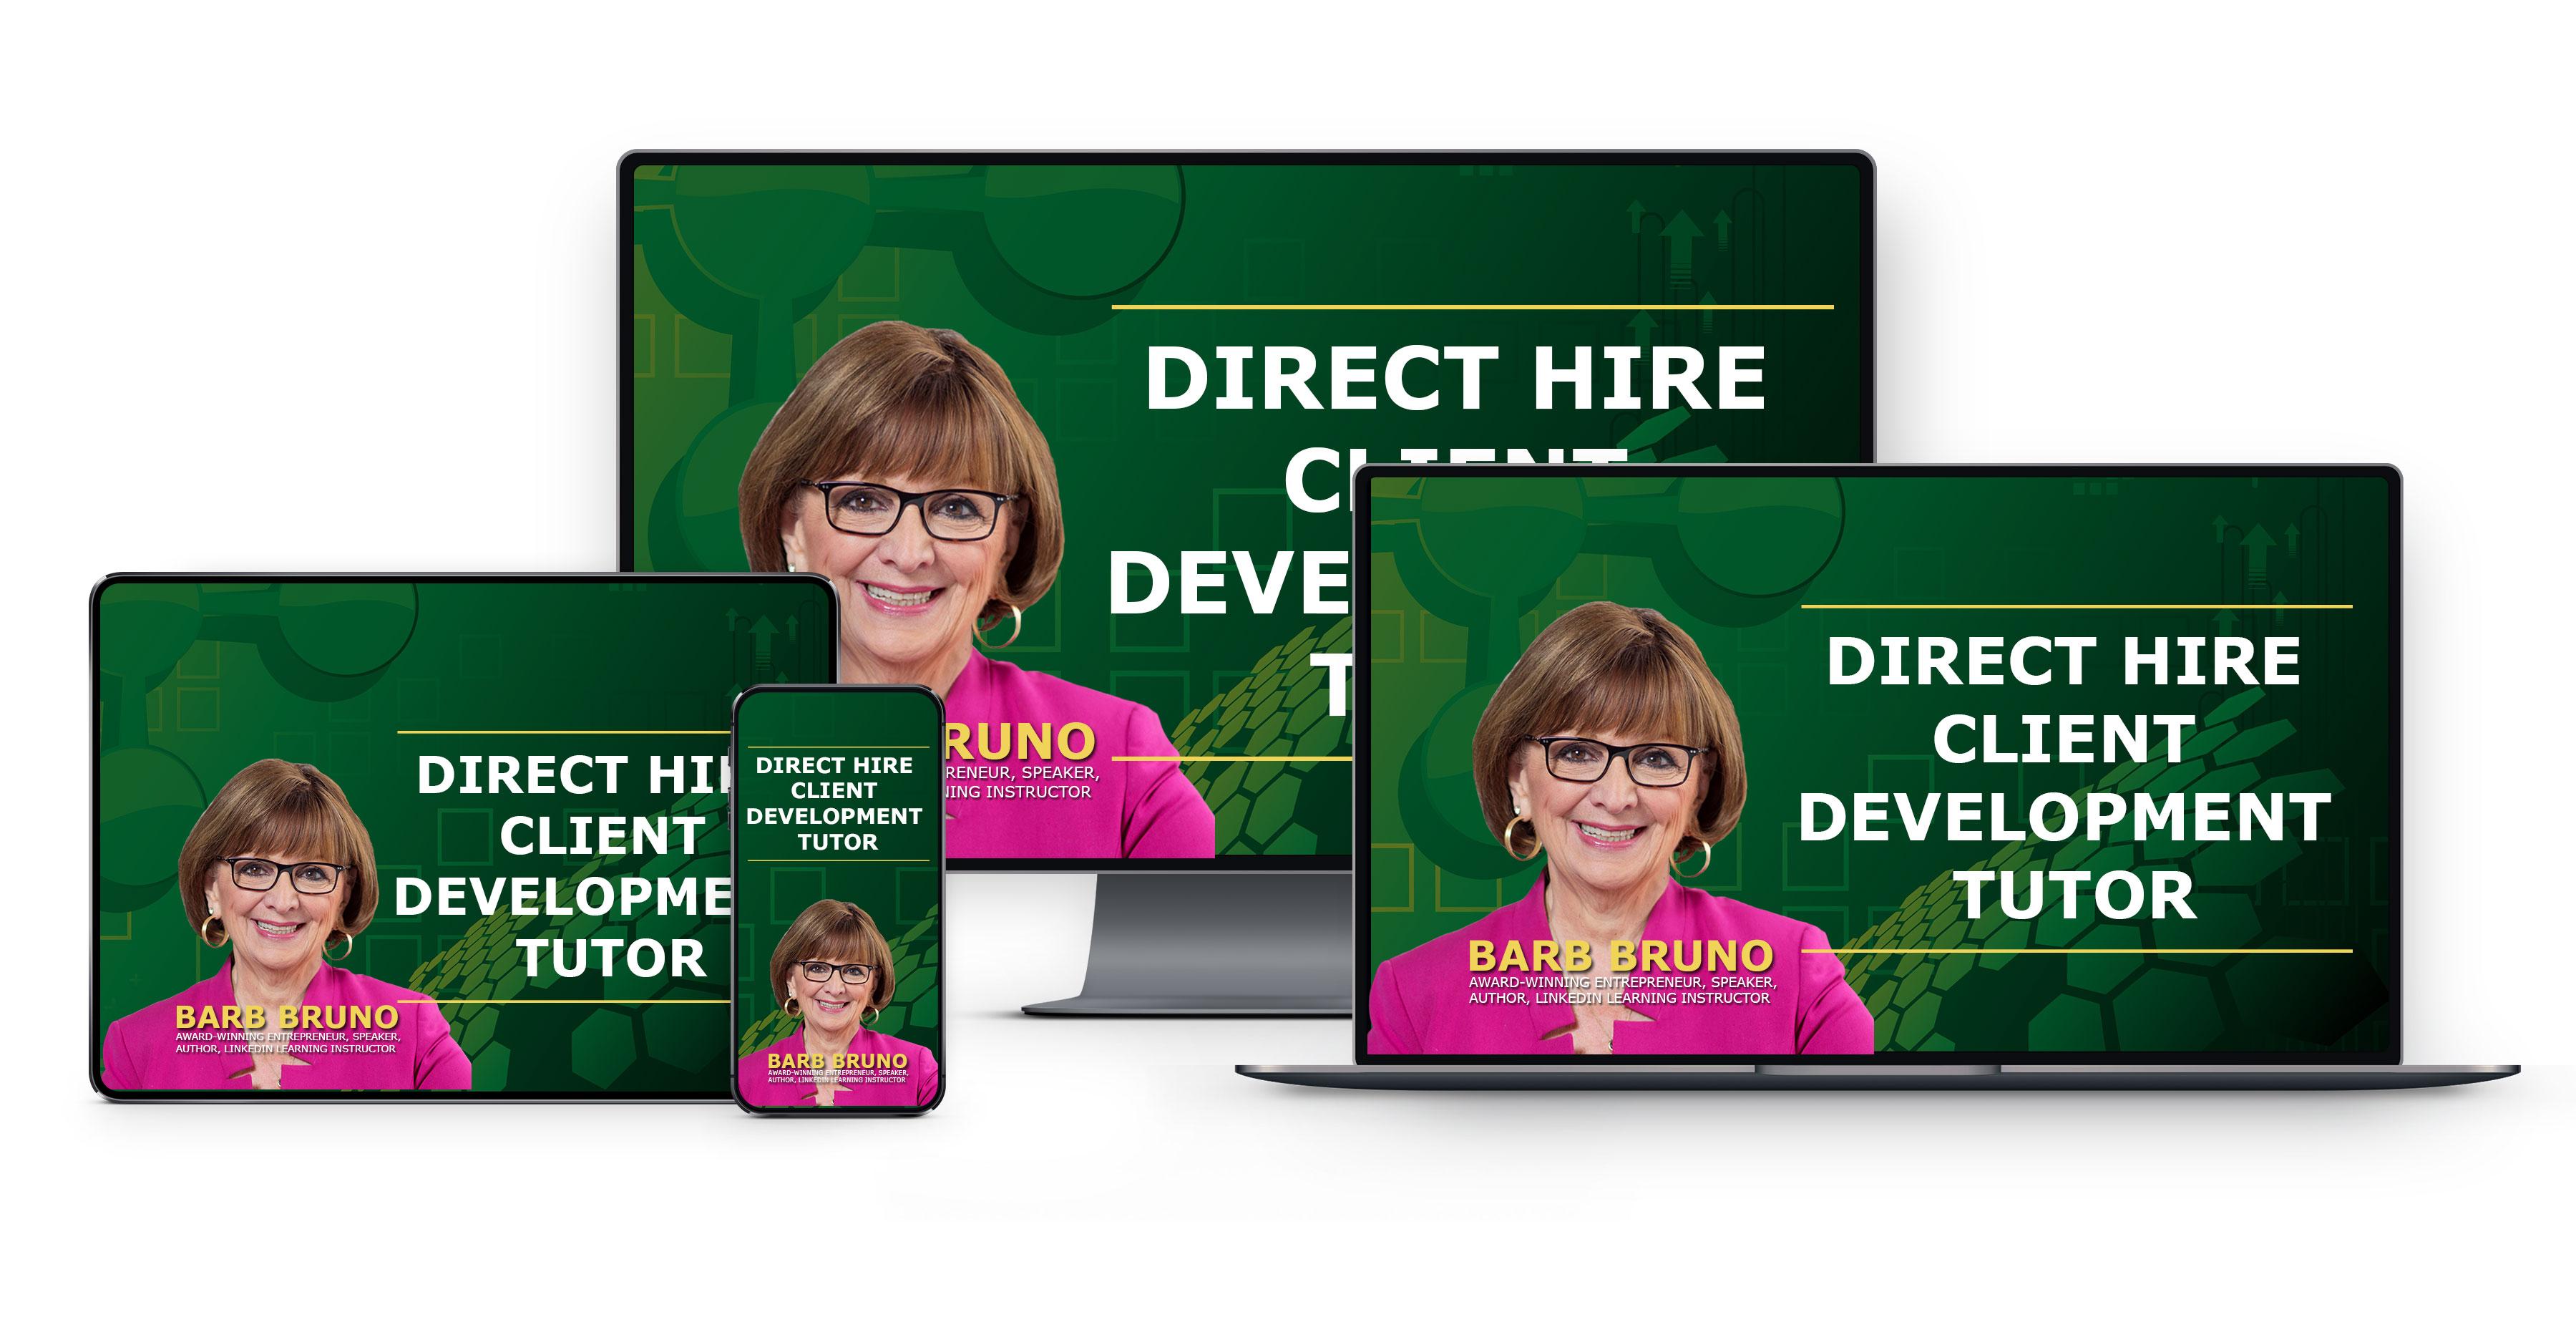 direct-hire-client-development-tutor